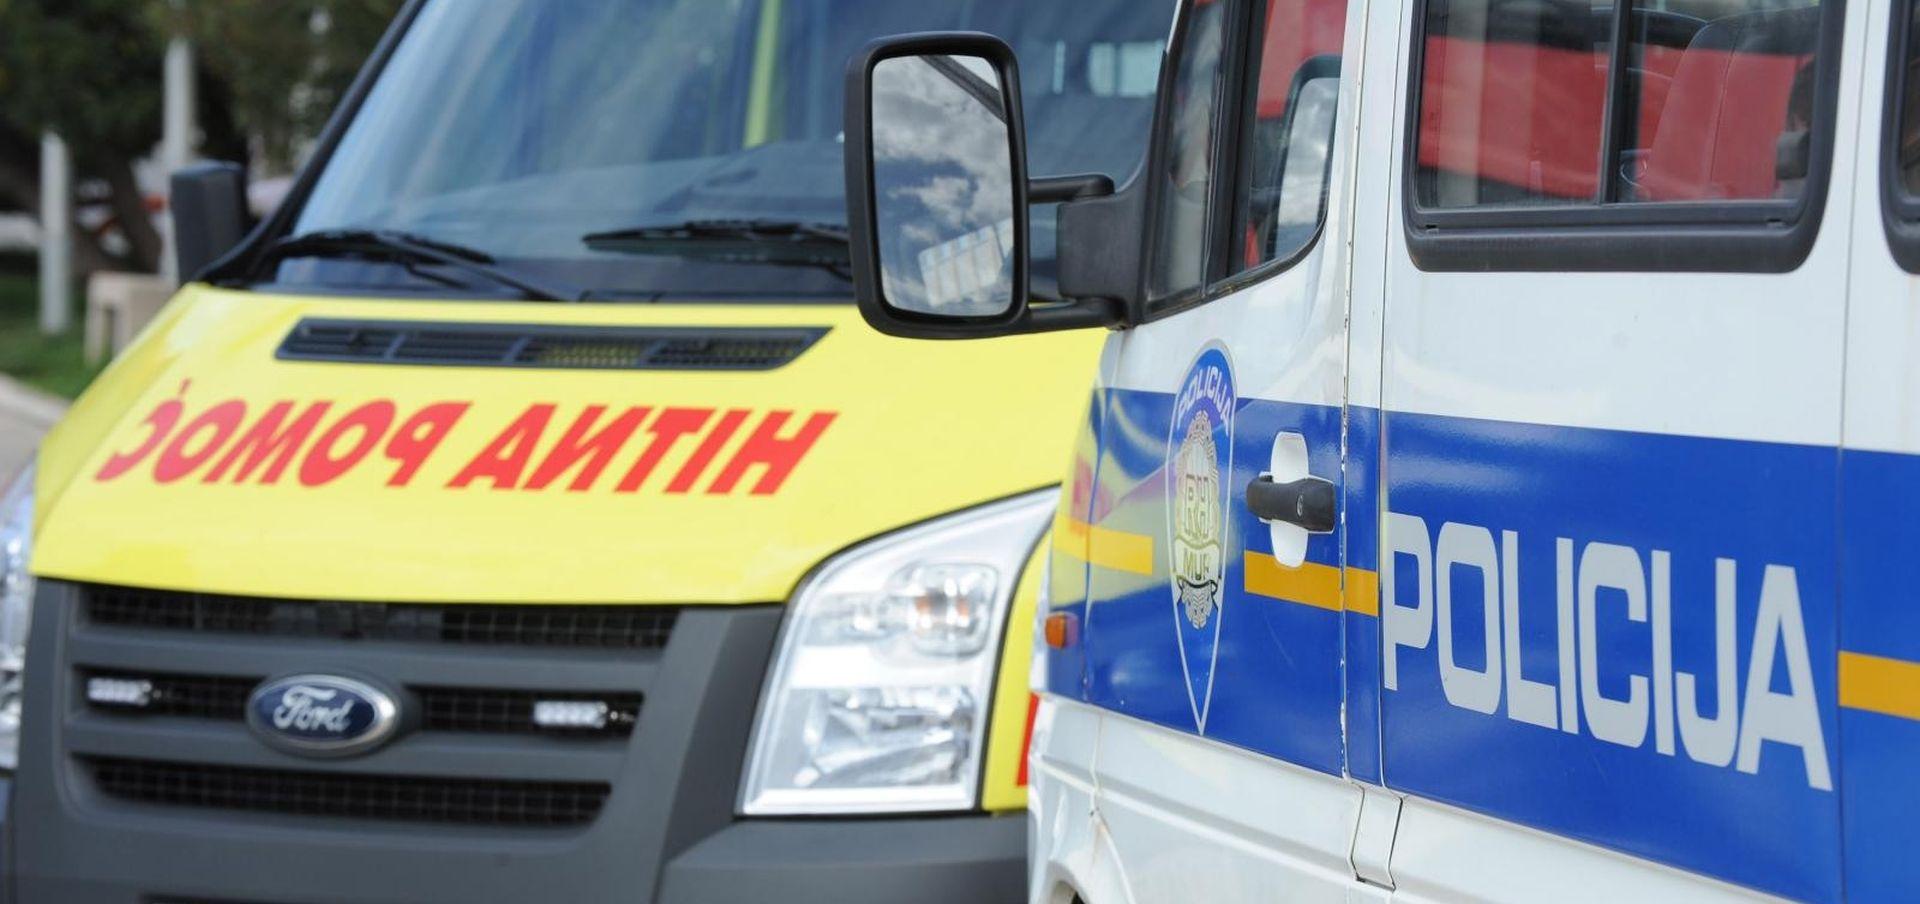 Sudarili se tramvaj i auto u Zagrebu, ozlijeđena jedna osoba